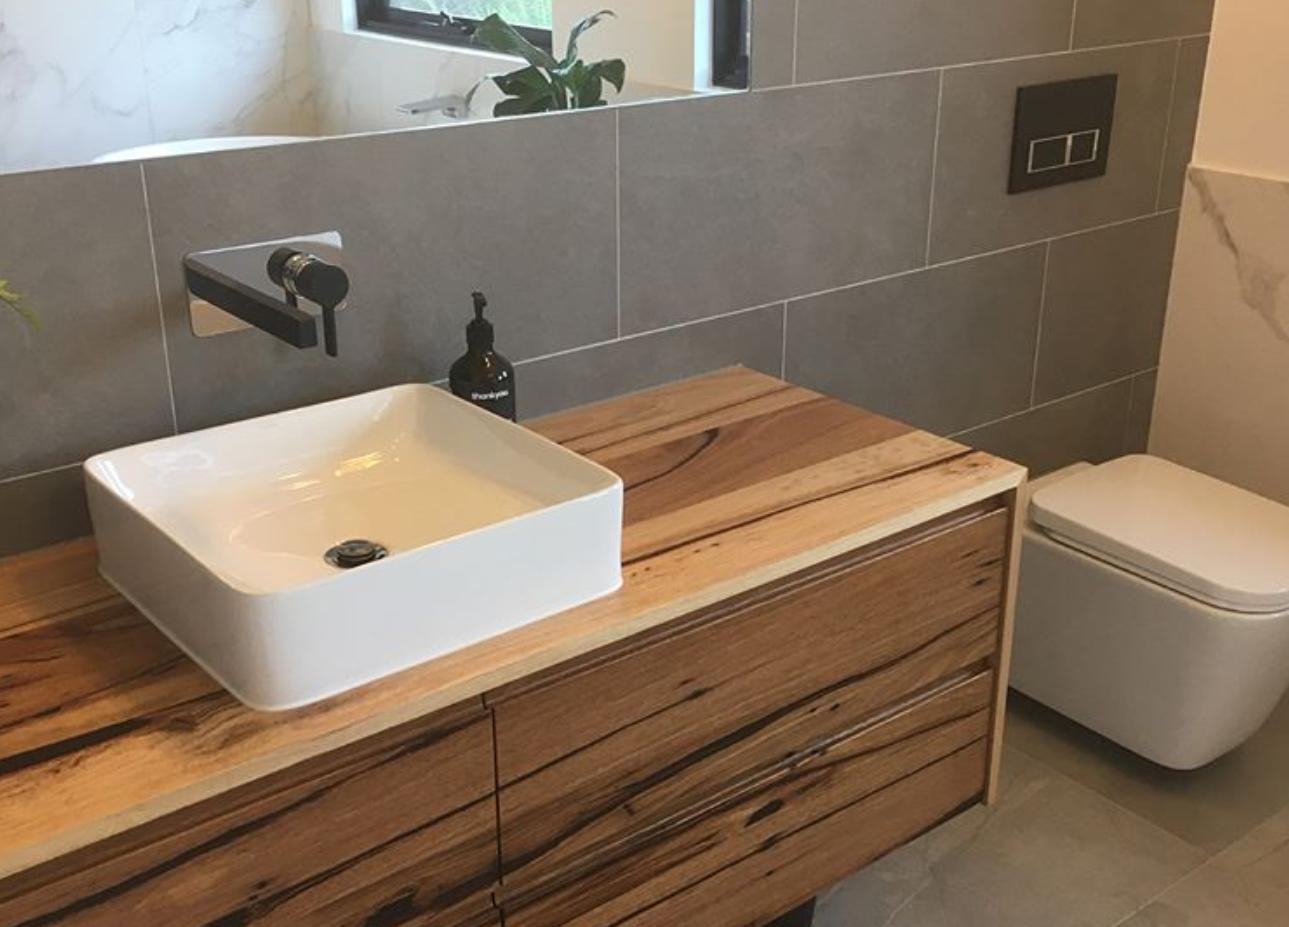 Uw kitvoegen strak en goed gekit, zodat u zorgeloos kunt genieten van uw badkamer. -